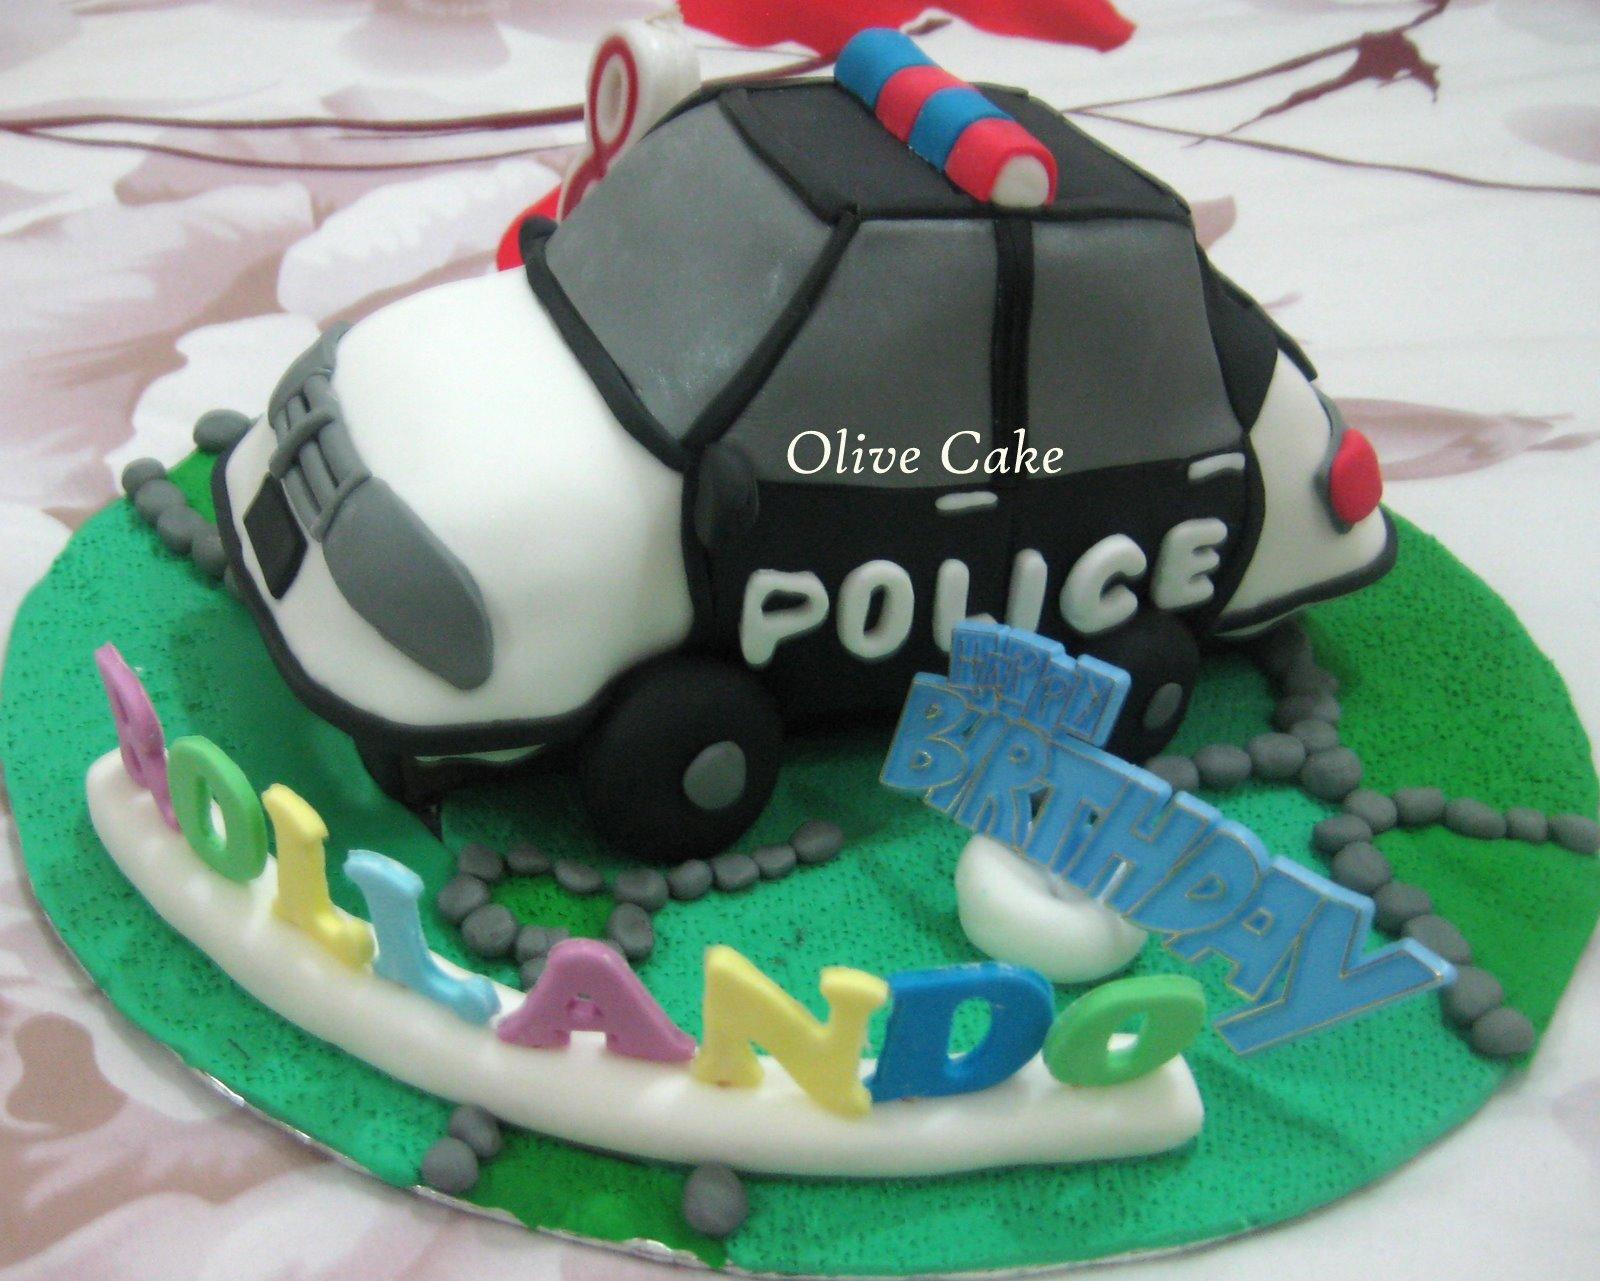 Olives Cake Police Car Cake